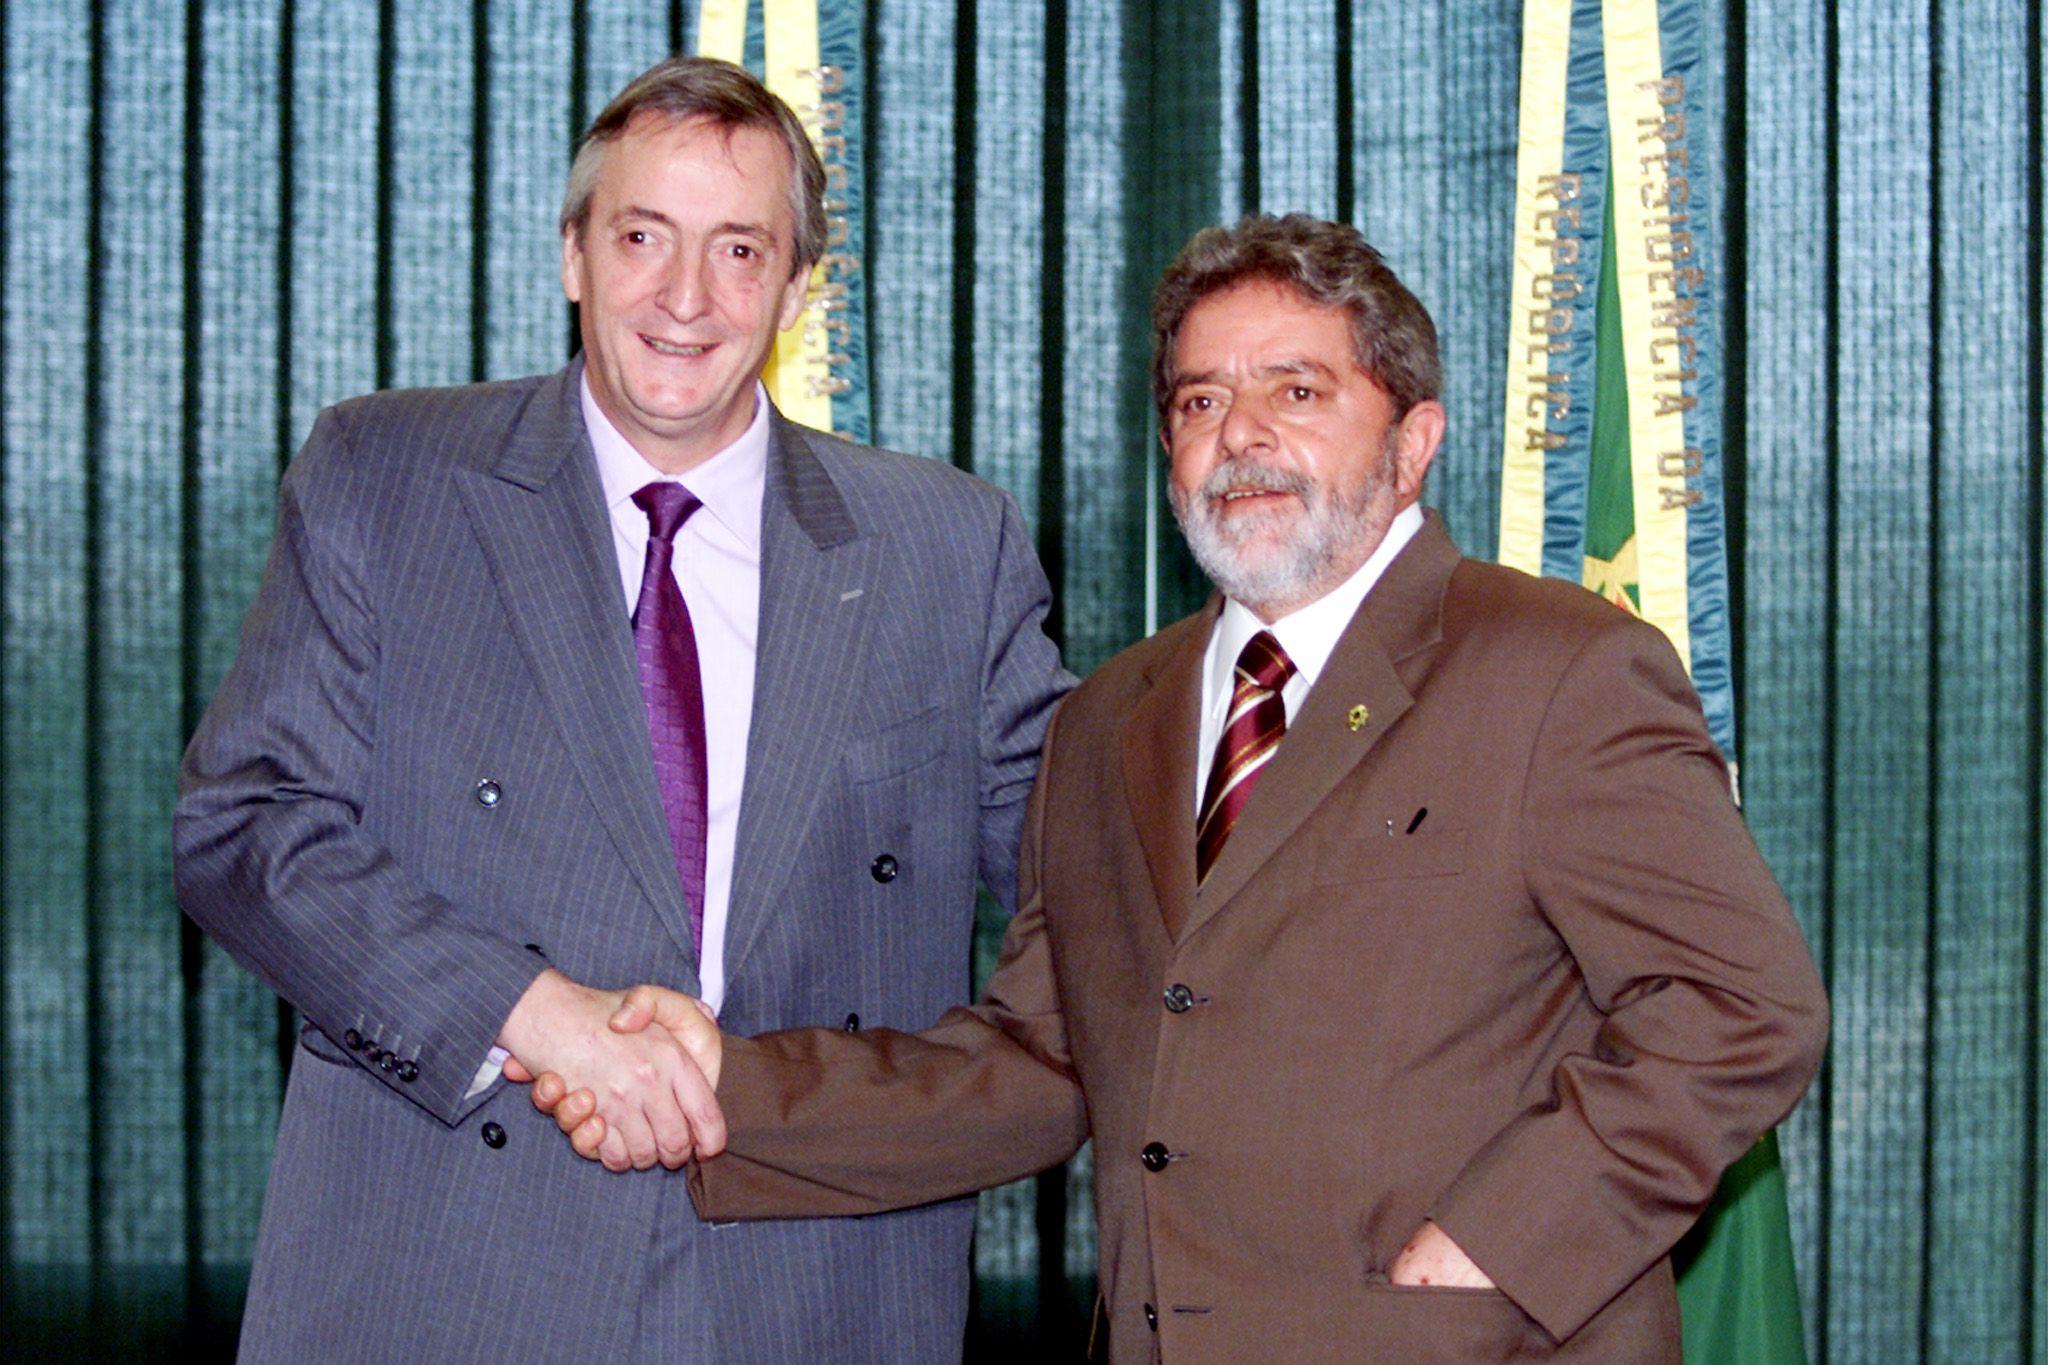 El presidente brasileño Luiz Inácio Lula da Silva y el entonces candidato presidencial Néstor Kirchner se dan la mano en Brasilia, el 8 de mayo de 2003 (REUTERS/Jamil Bittar JB/HB)